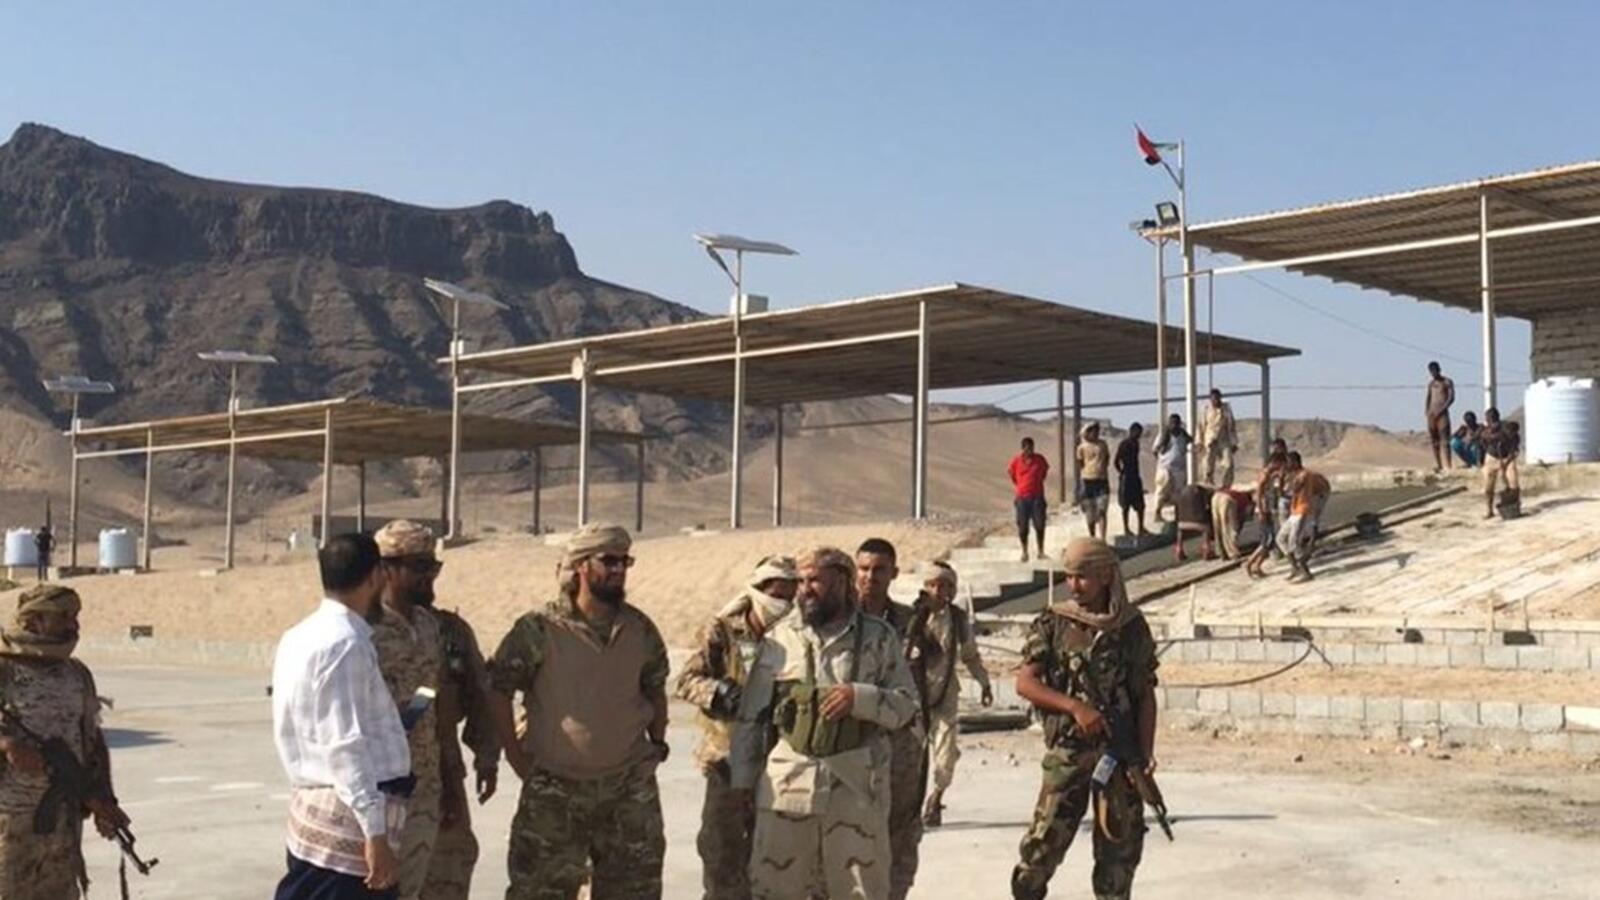 حاكم سقطرى اليمنية يجدد رفضه إنشاء حزام أمني في الجزيرة